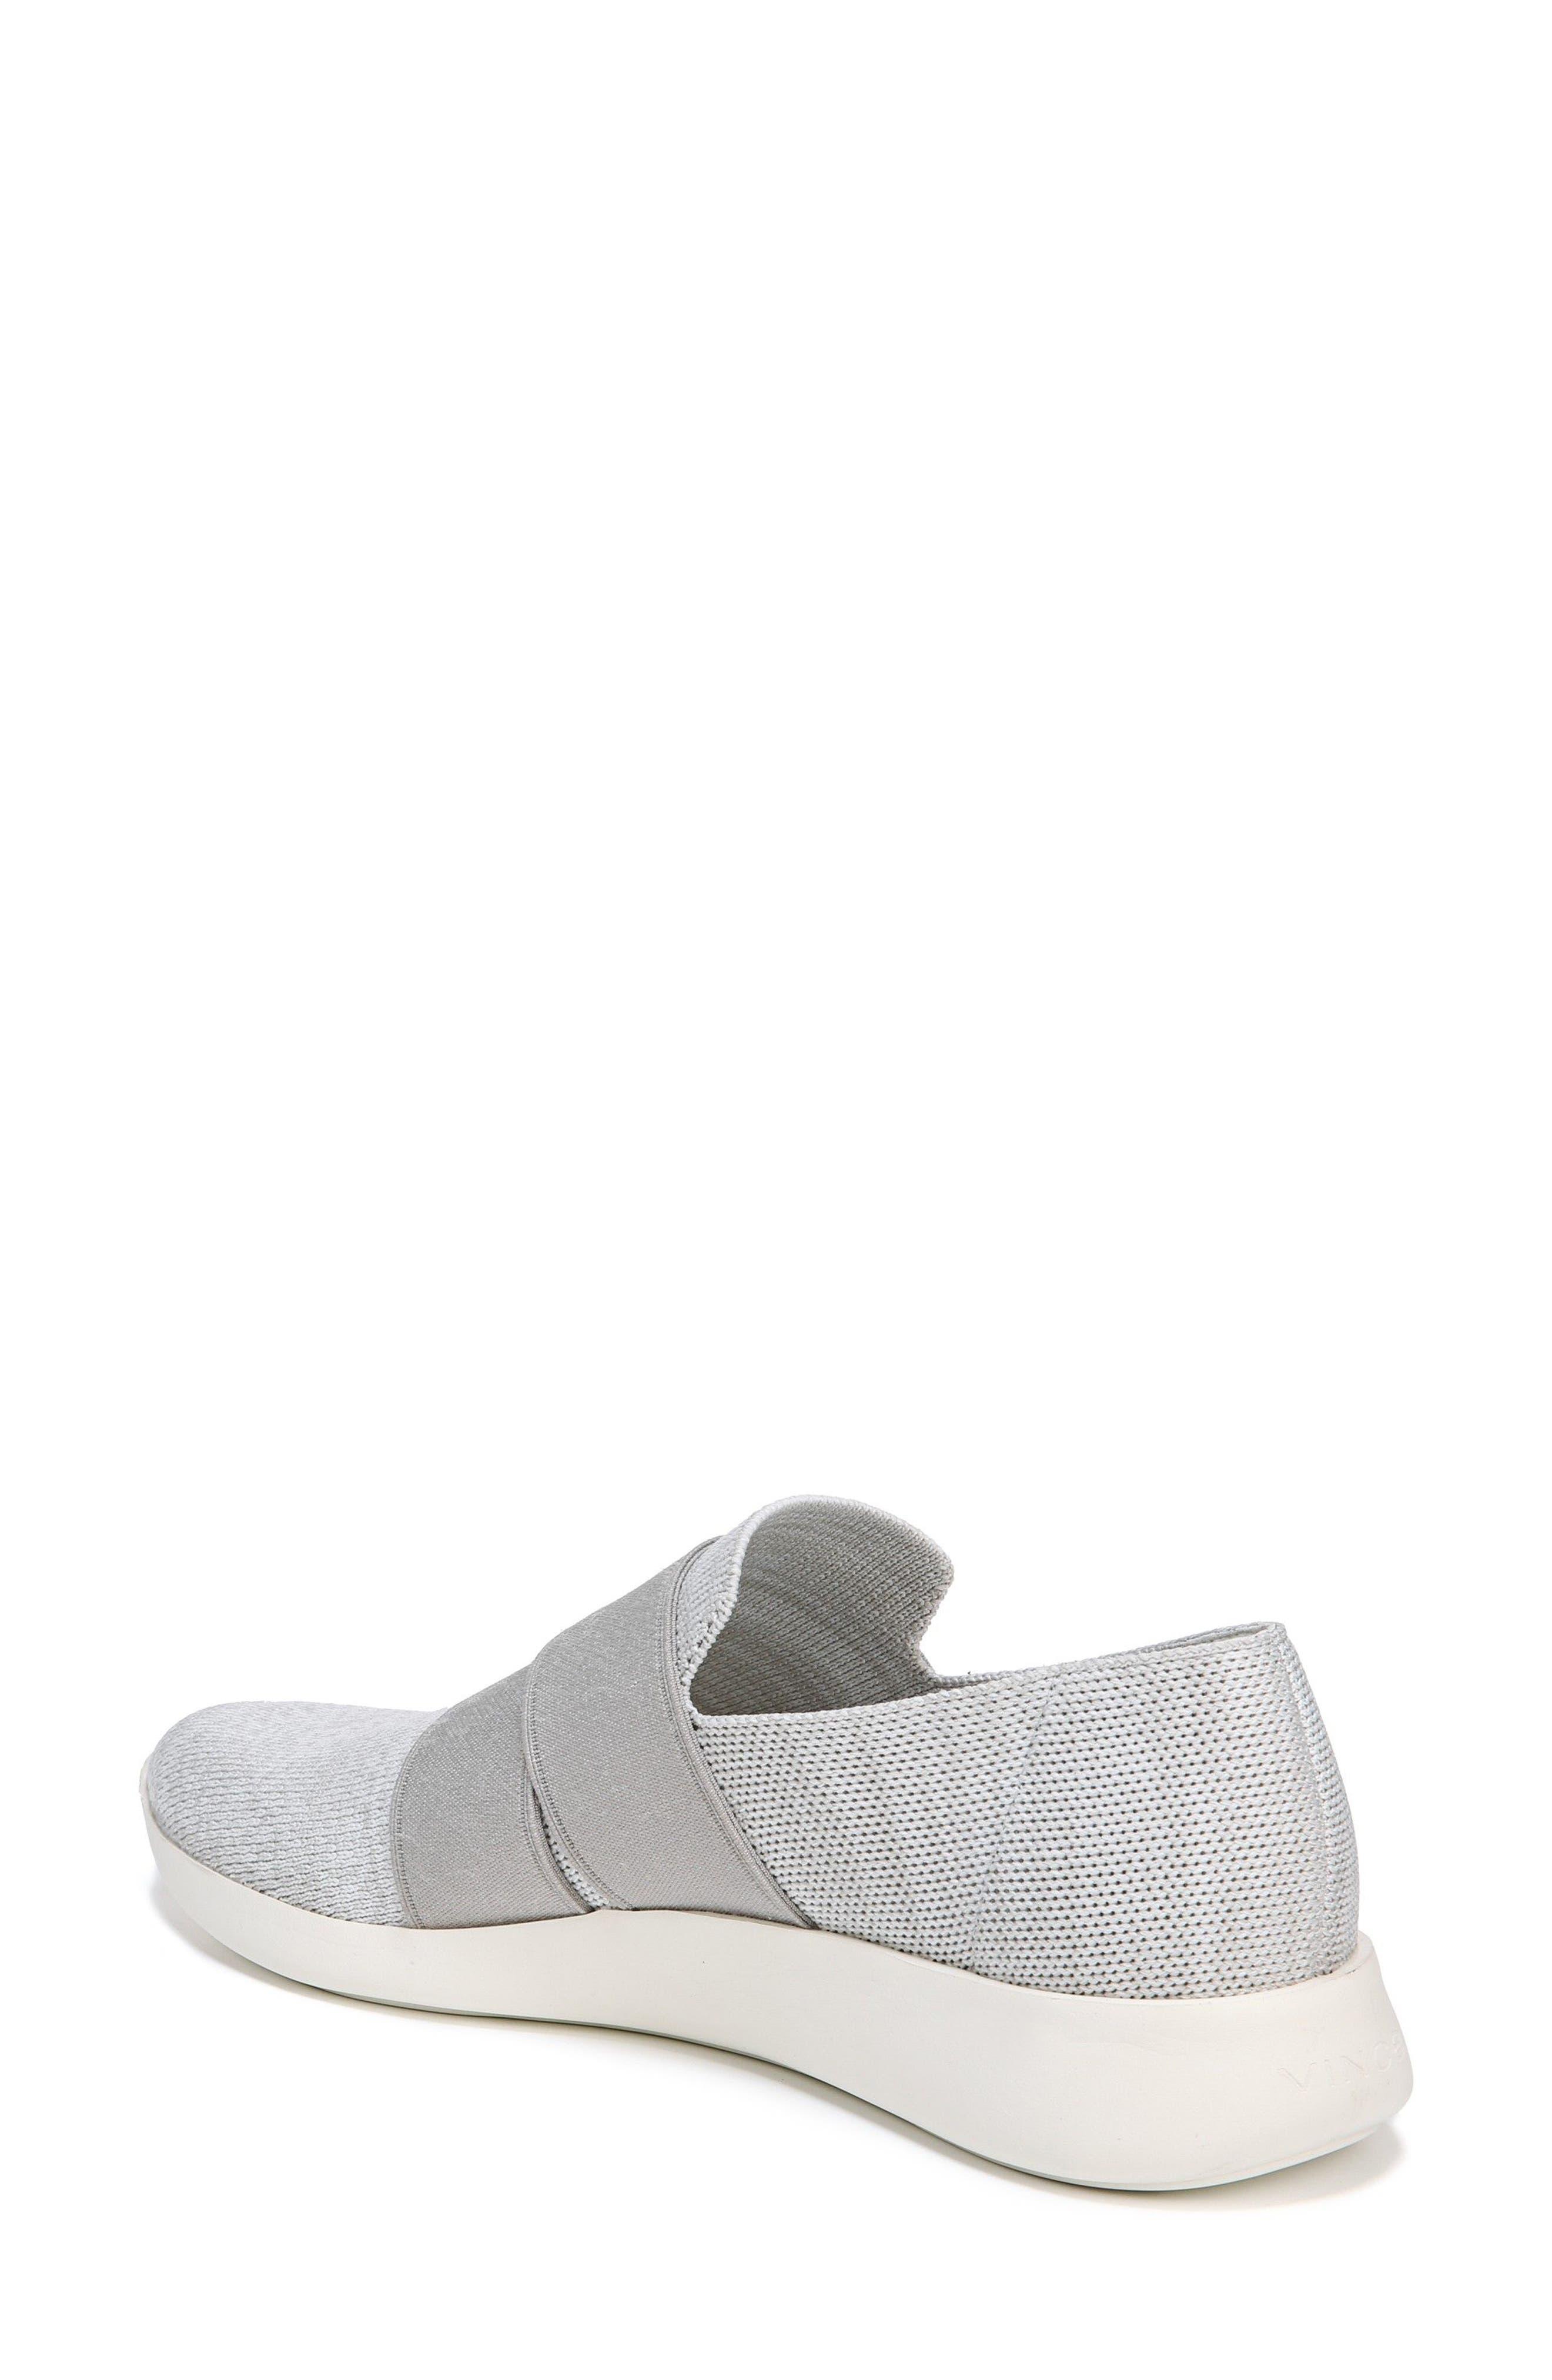 Aston Slip-On Sneaker,                             Alternate thumbnail 2, color,                             White/ Grey Marled Knit